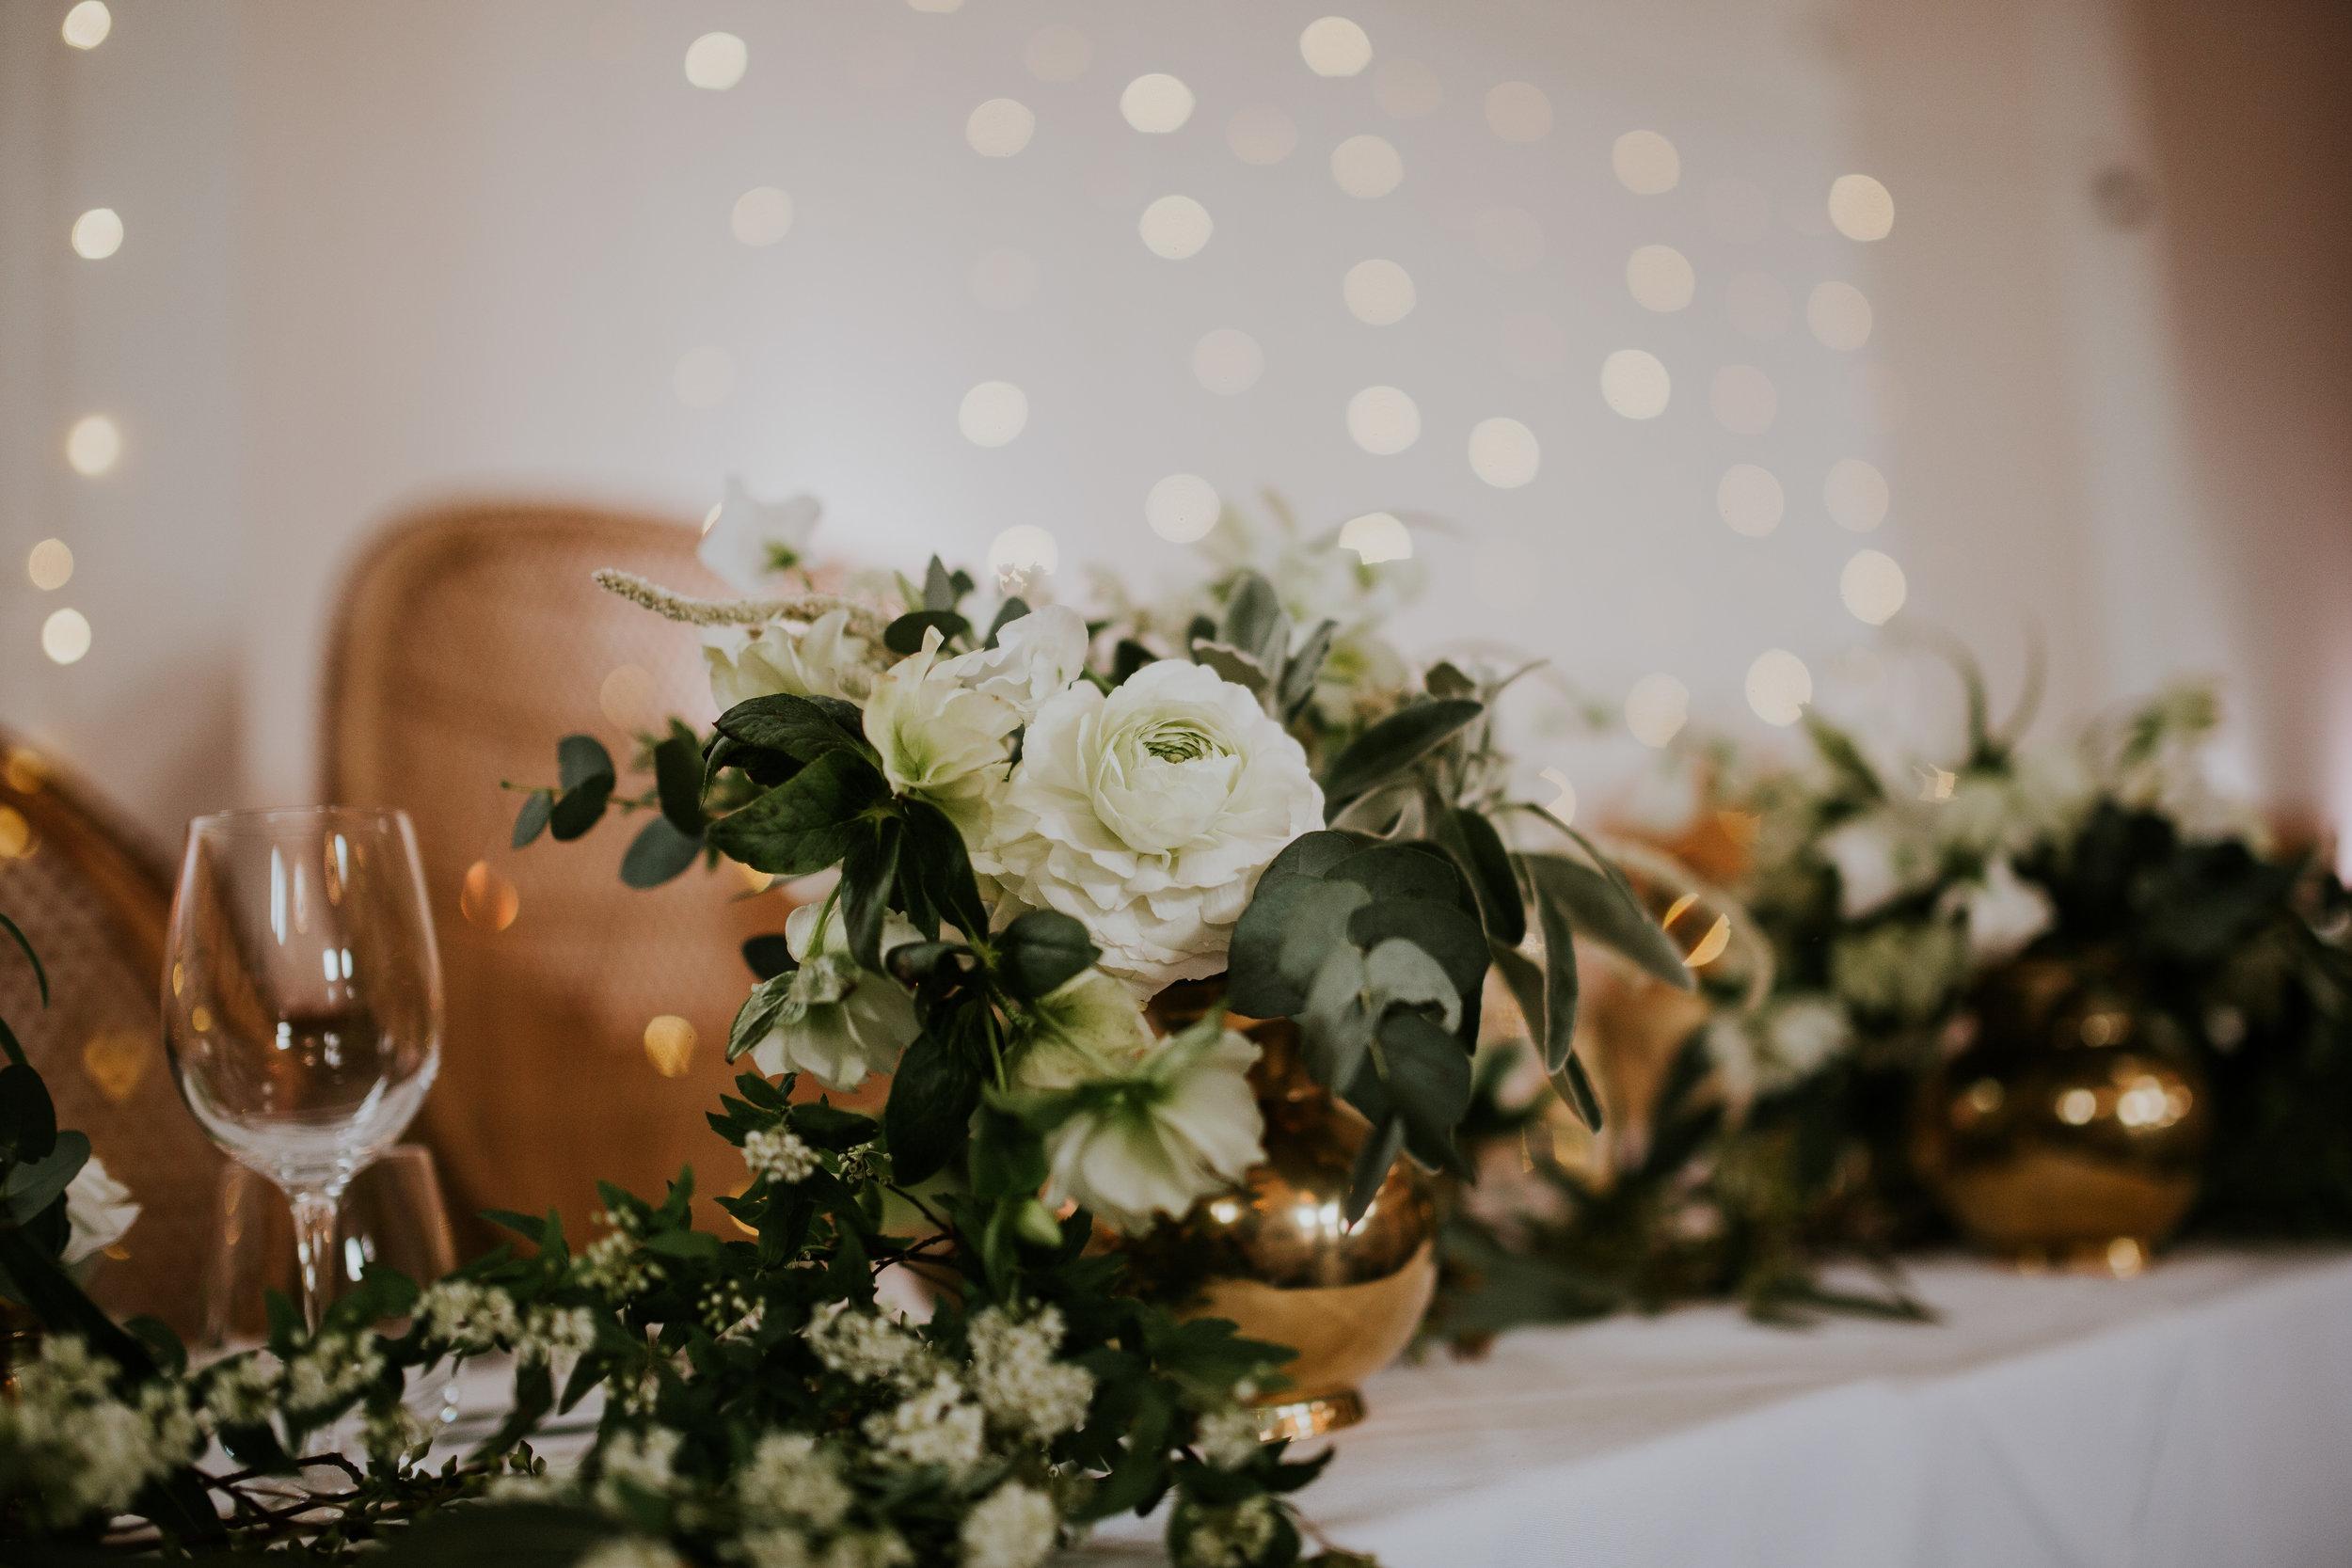 Top table flowers.jpg